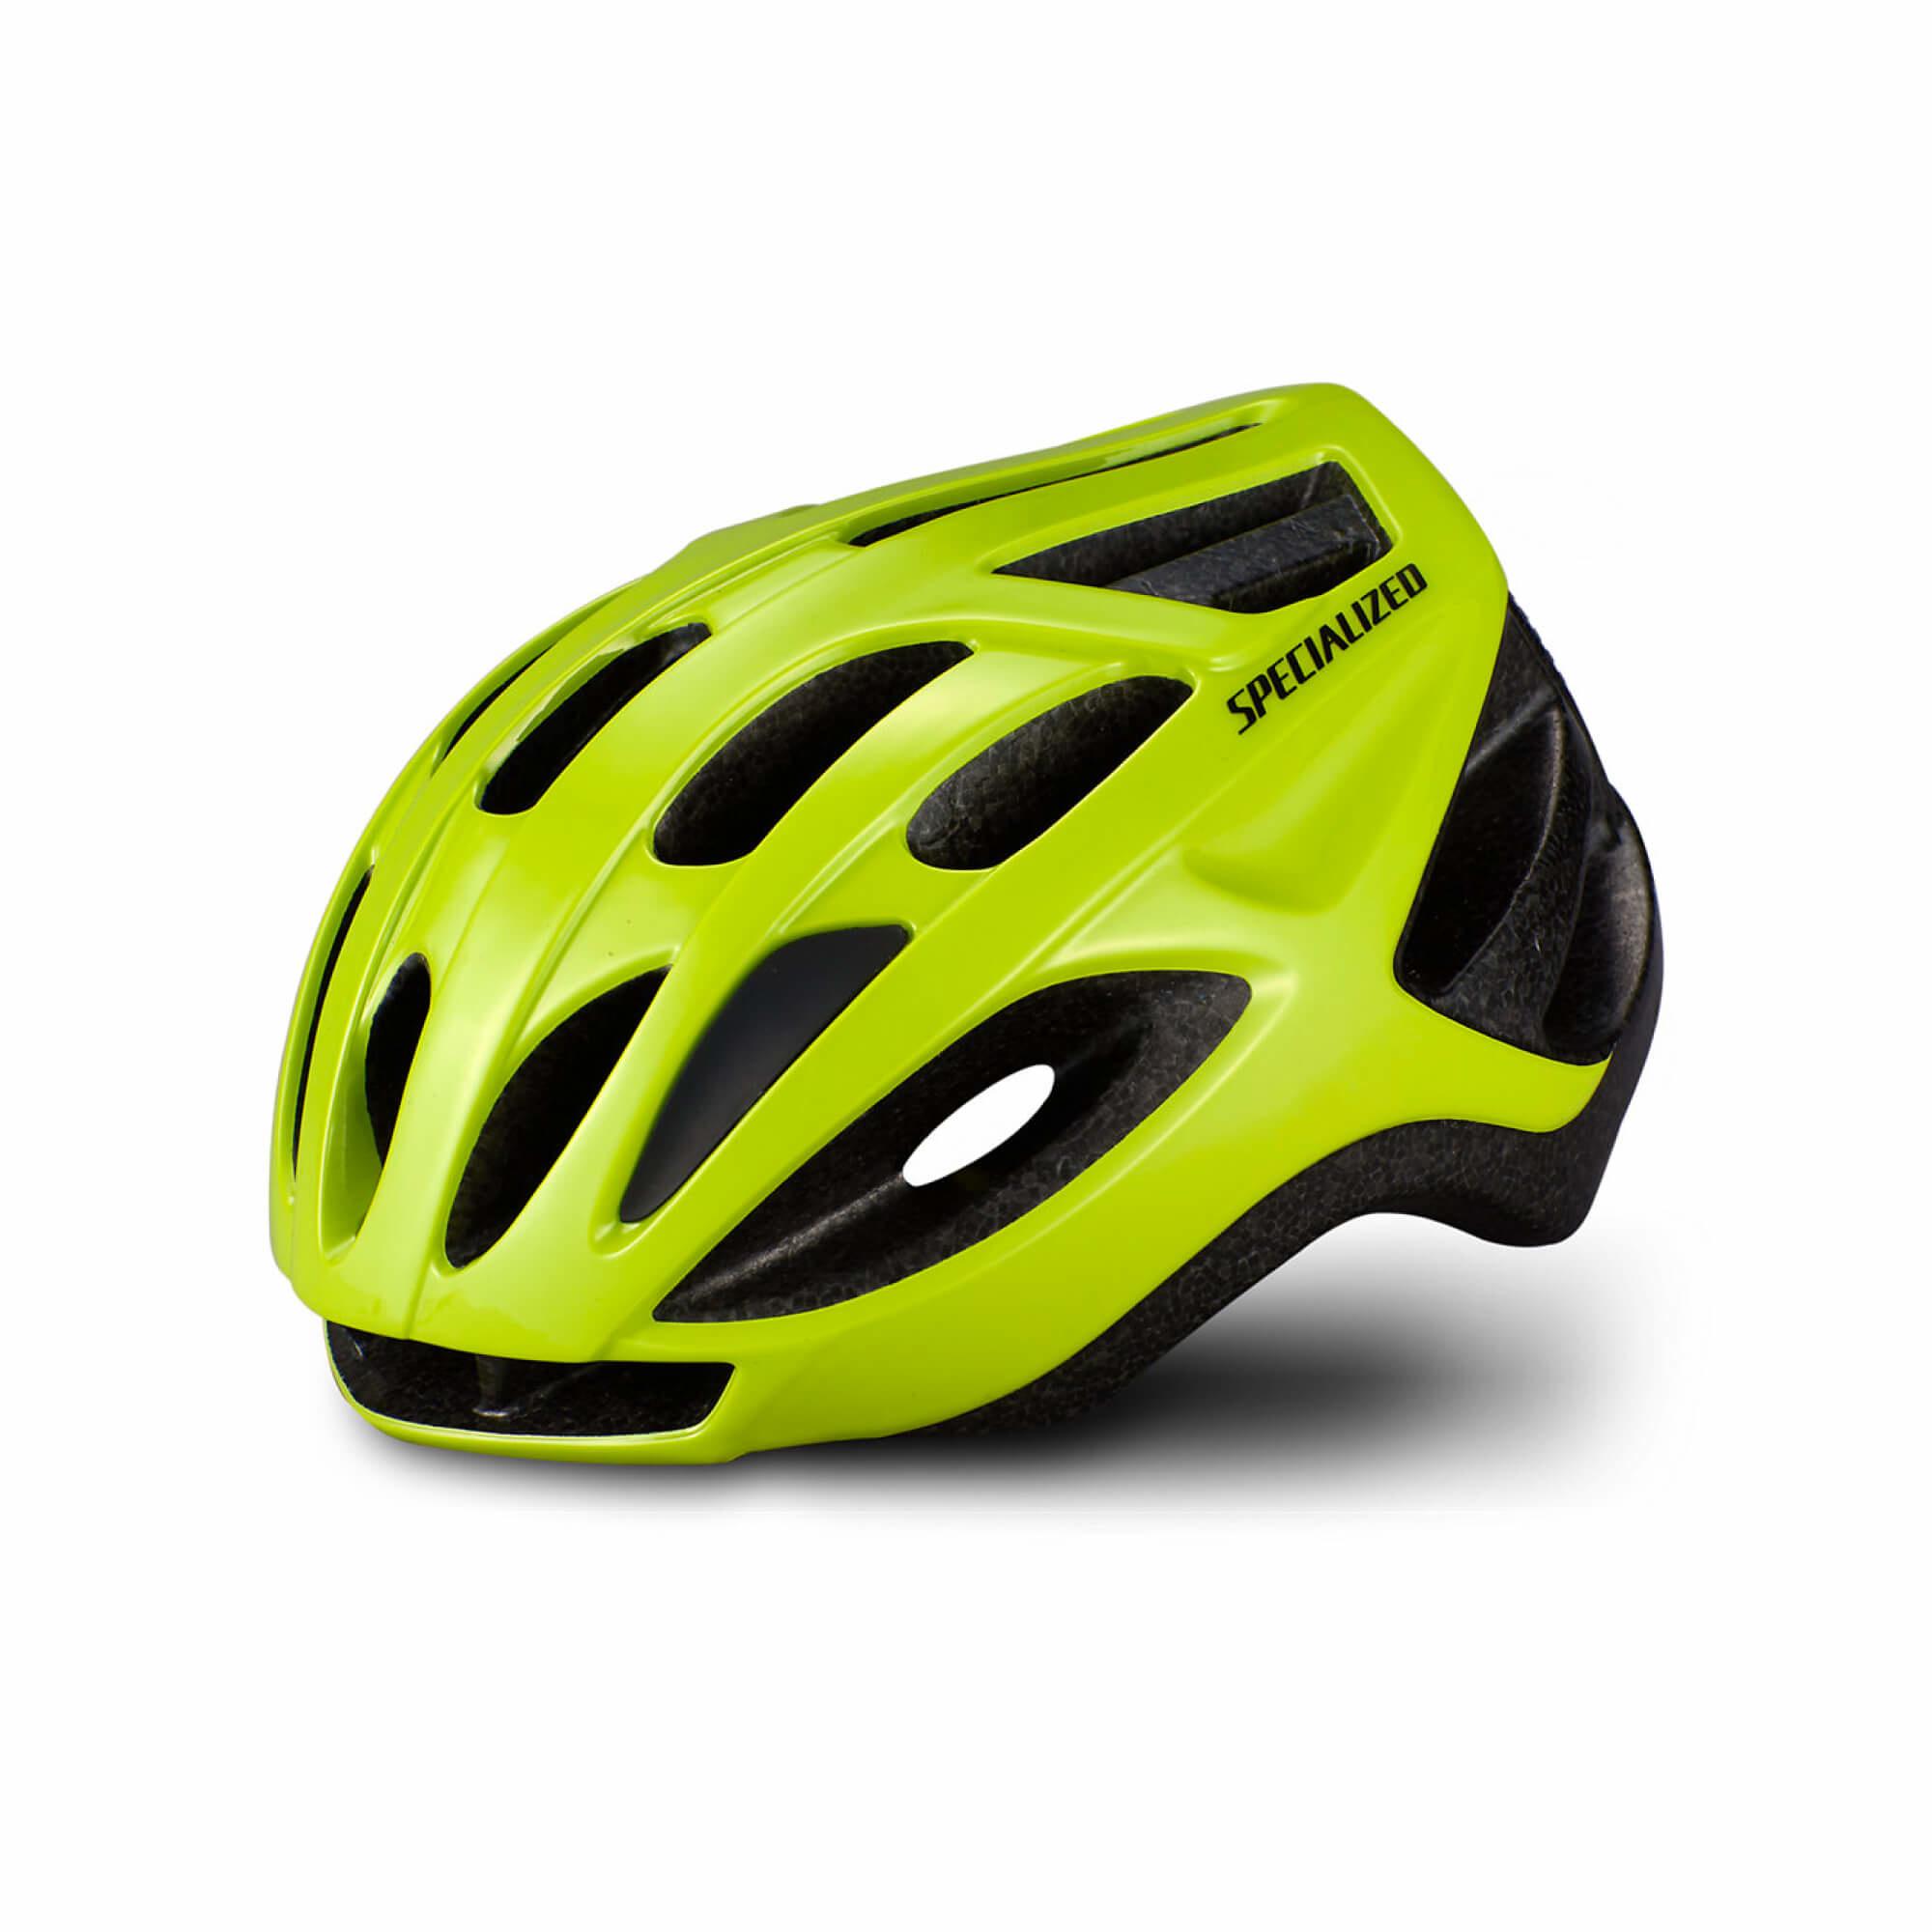 Align Helmet-2